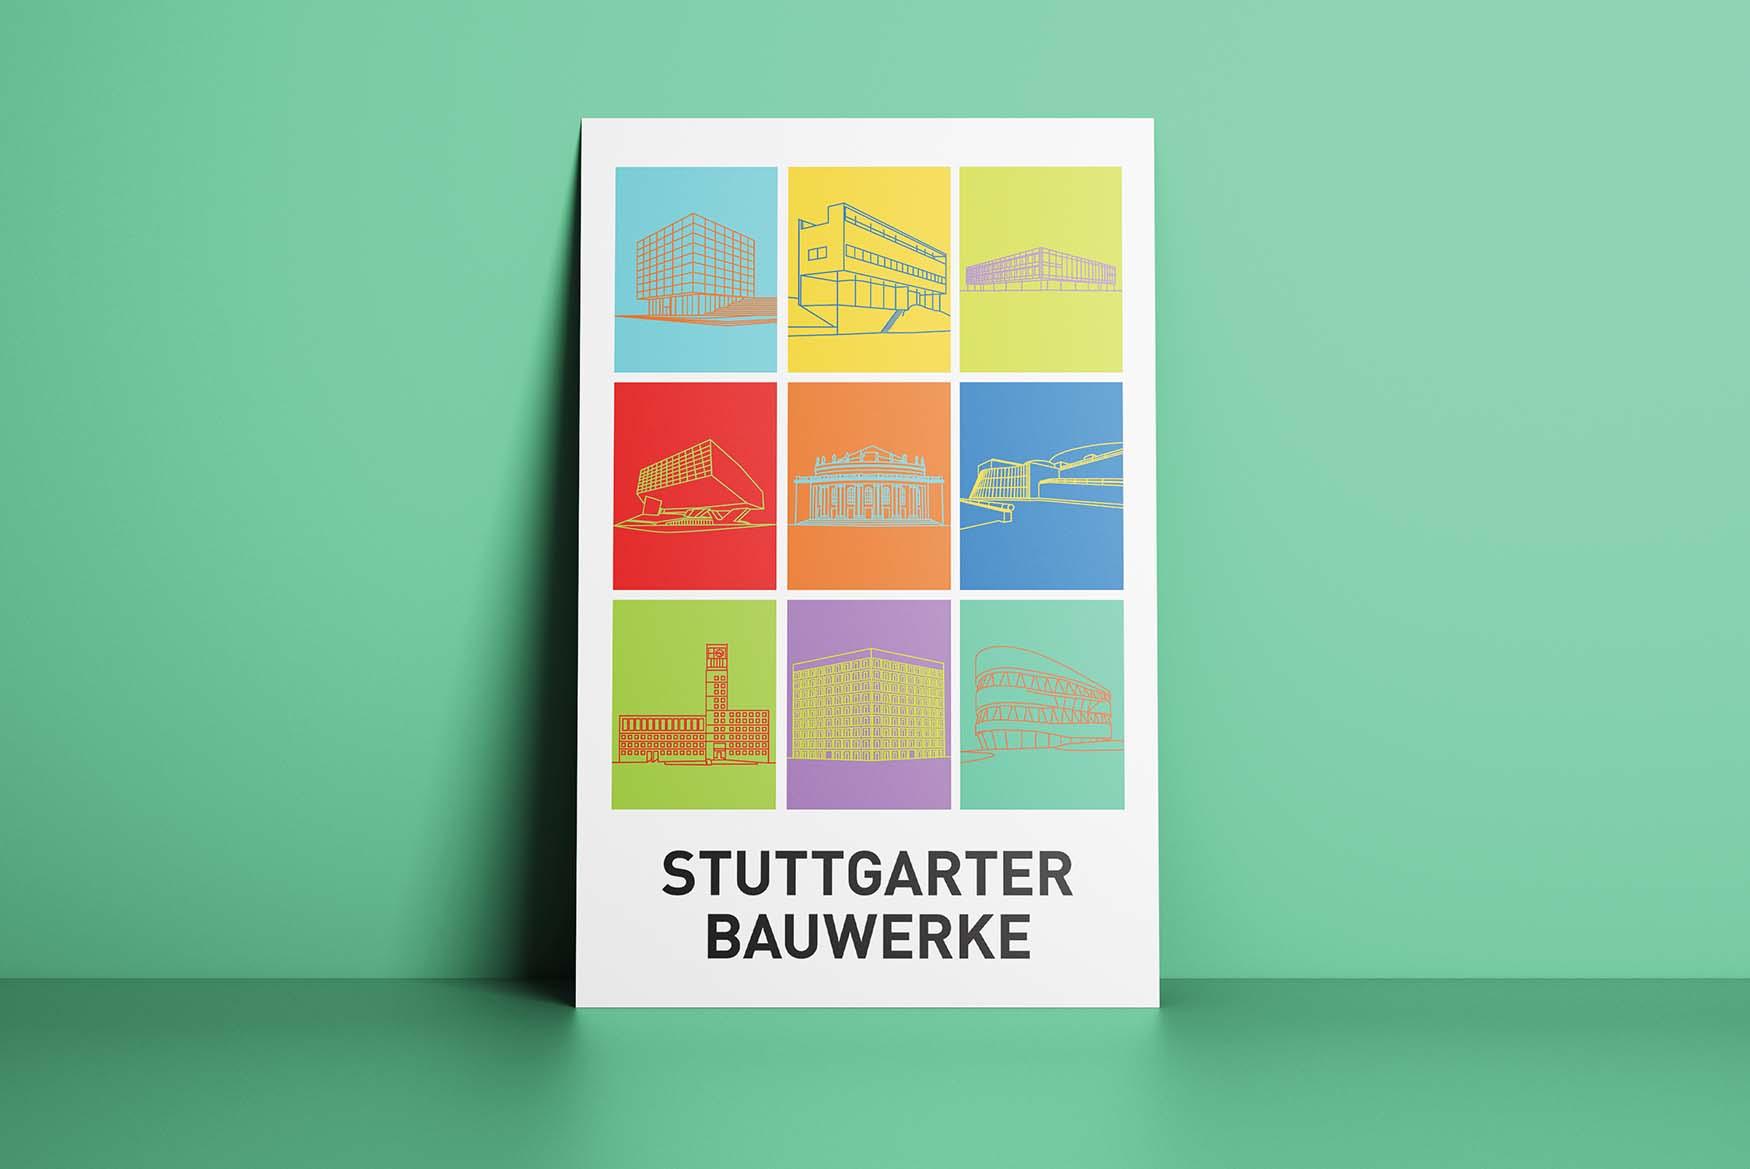 Kreativbetrieb-Designagentur-Architektur-Stuttgart-1.